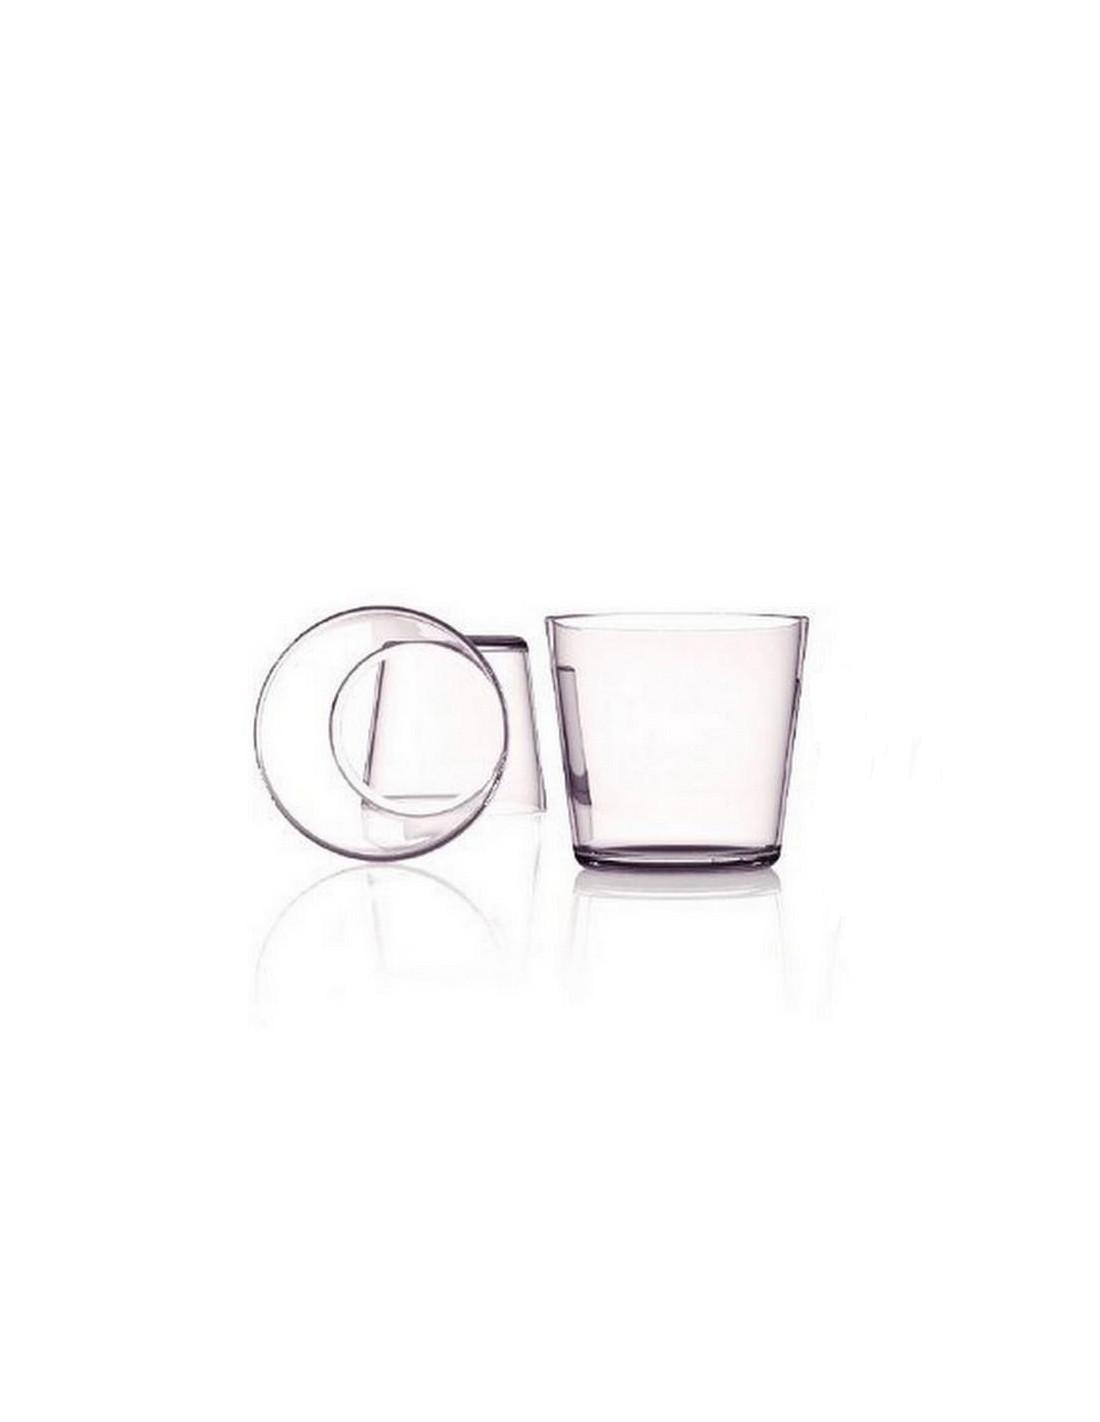 Bicchieri da acqua o vino linea gotto di ichendorf milano - Disposizione bicchieri a tavola ...